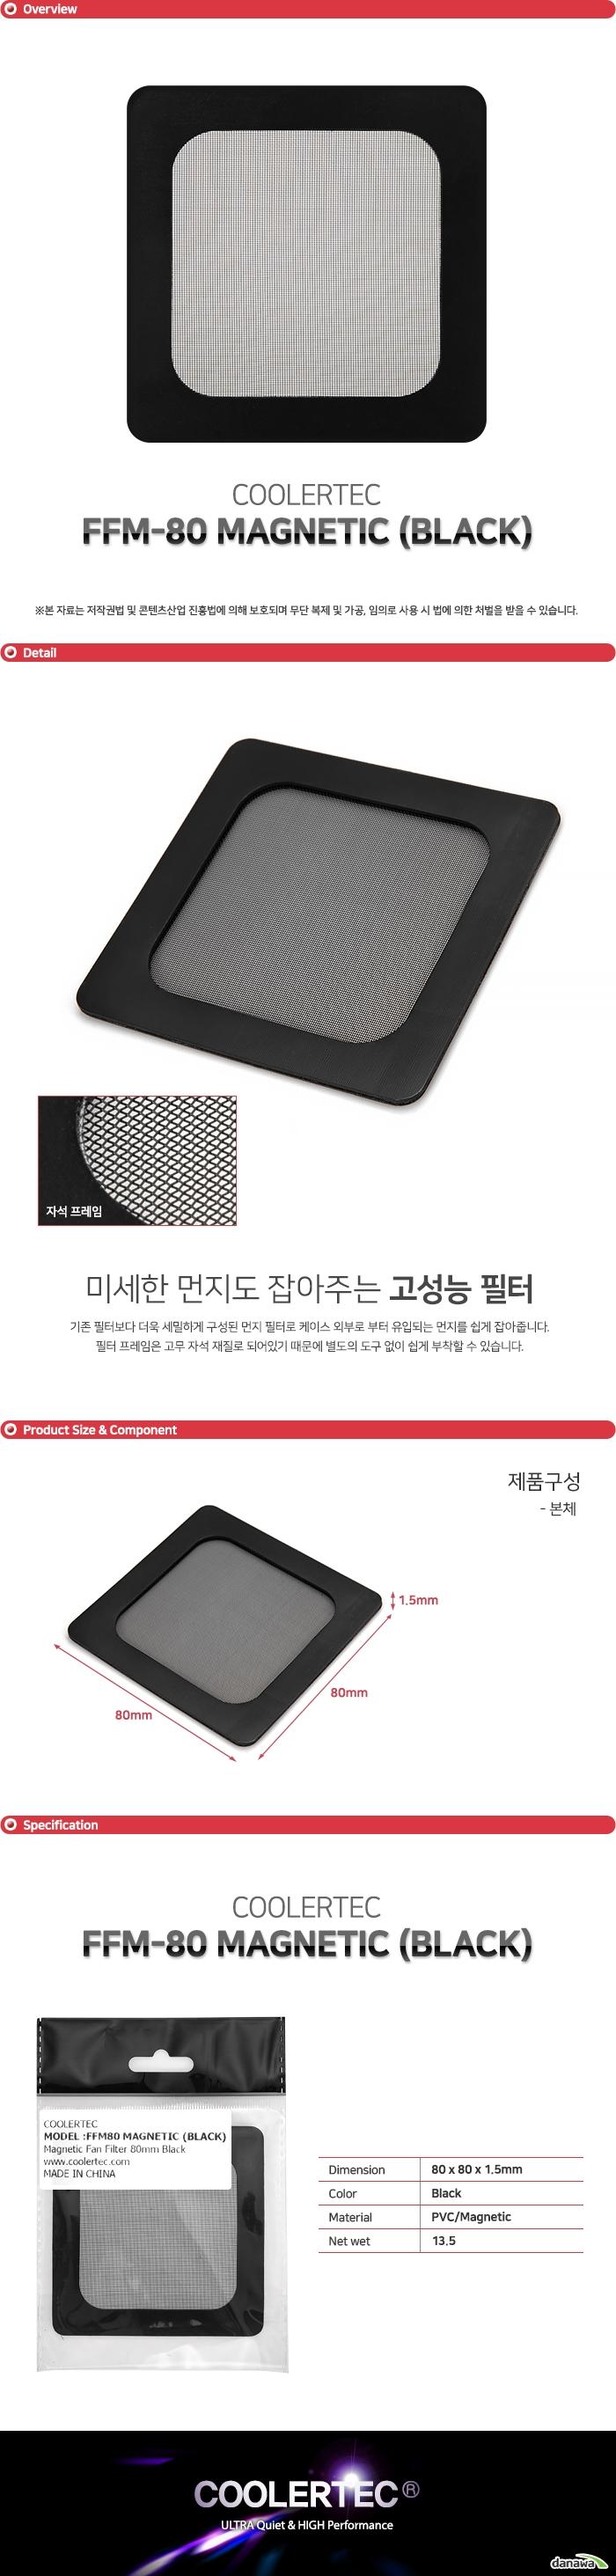 기존 필터보다 더욱 세밀하게 구성된 먼지 필터로 케이스 외부로 부터 유입되는 먼지를 쉽게 잡아줍니다. 필터 프레임은 고무 자석 재질로 되어있기 때문에 별도의 도구 없이 쉽게 부착할 수 있습니다.